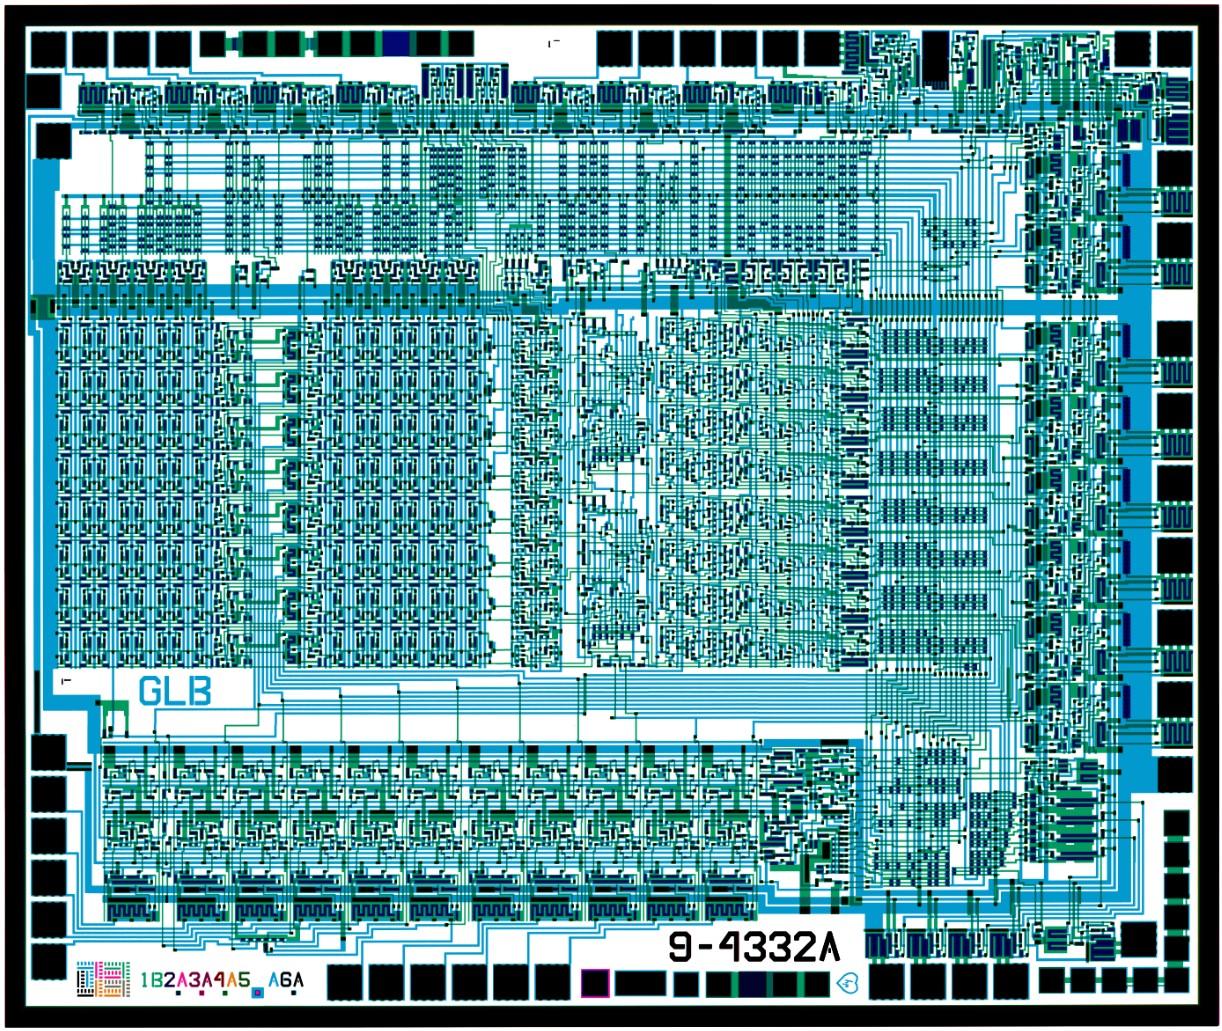 Внутренности HP Nanoprocessor: высокоскоростной процессор, не умеющий складывать - 1